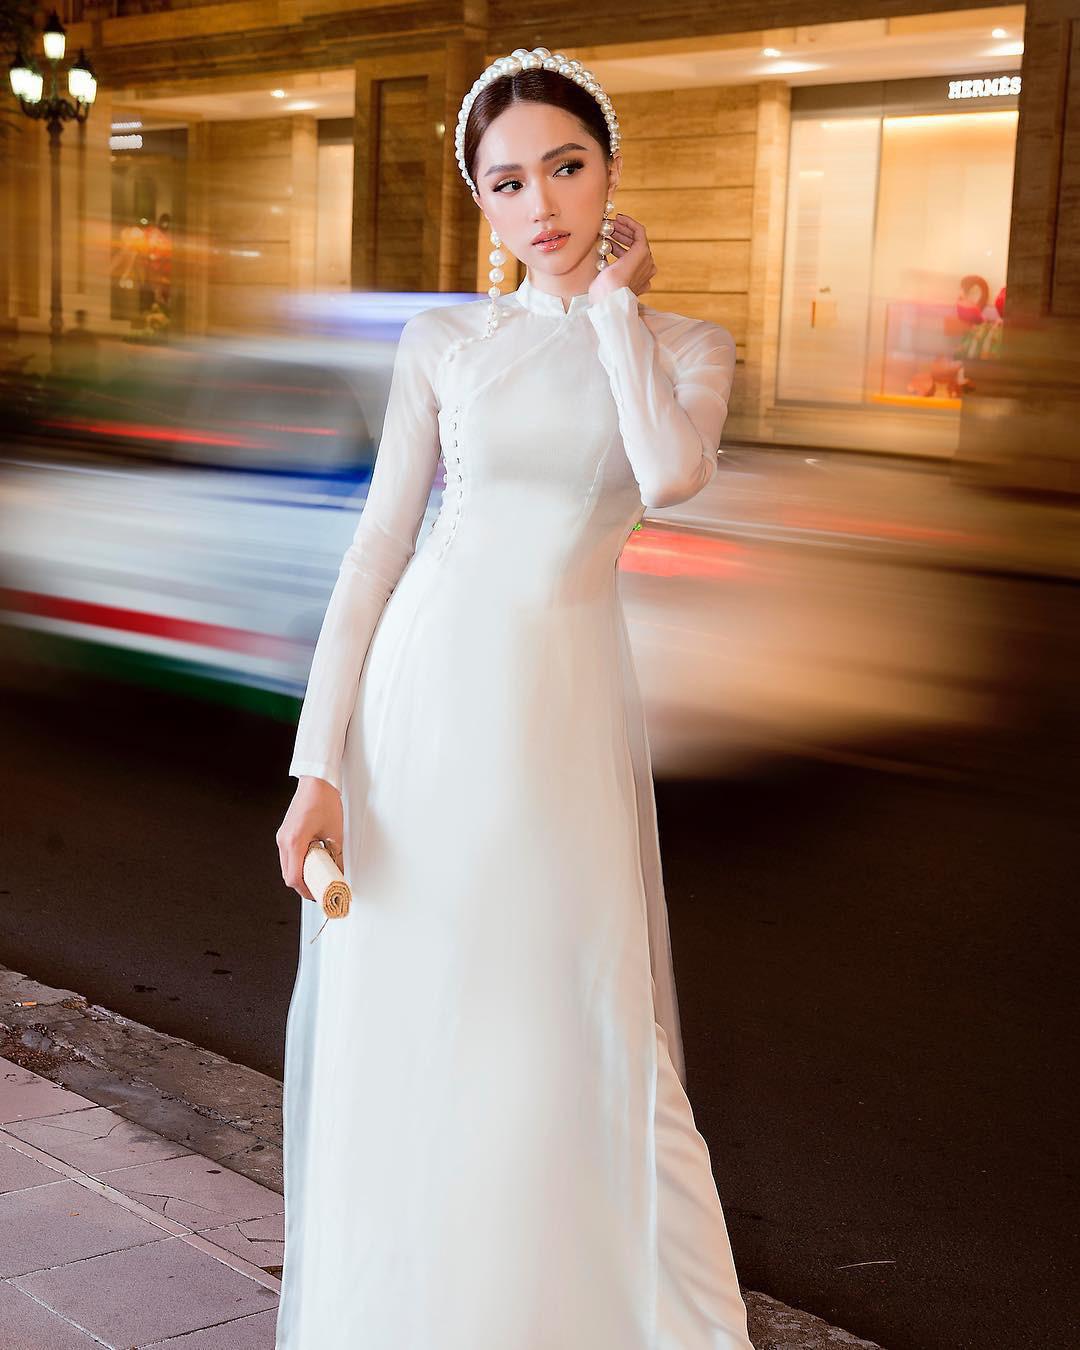 """Hương Giang mặc áo dài trắng tinh đẹp tựa nữ thần ở Pháp, """"thả thính"""" gây """"bão"""" mạng - Ảnh 6."""